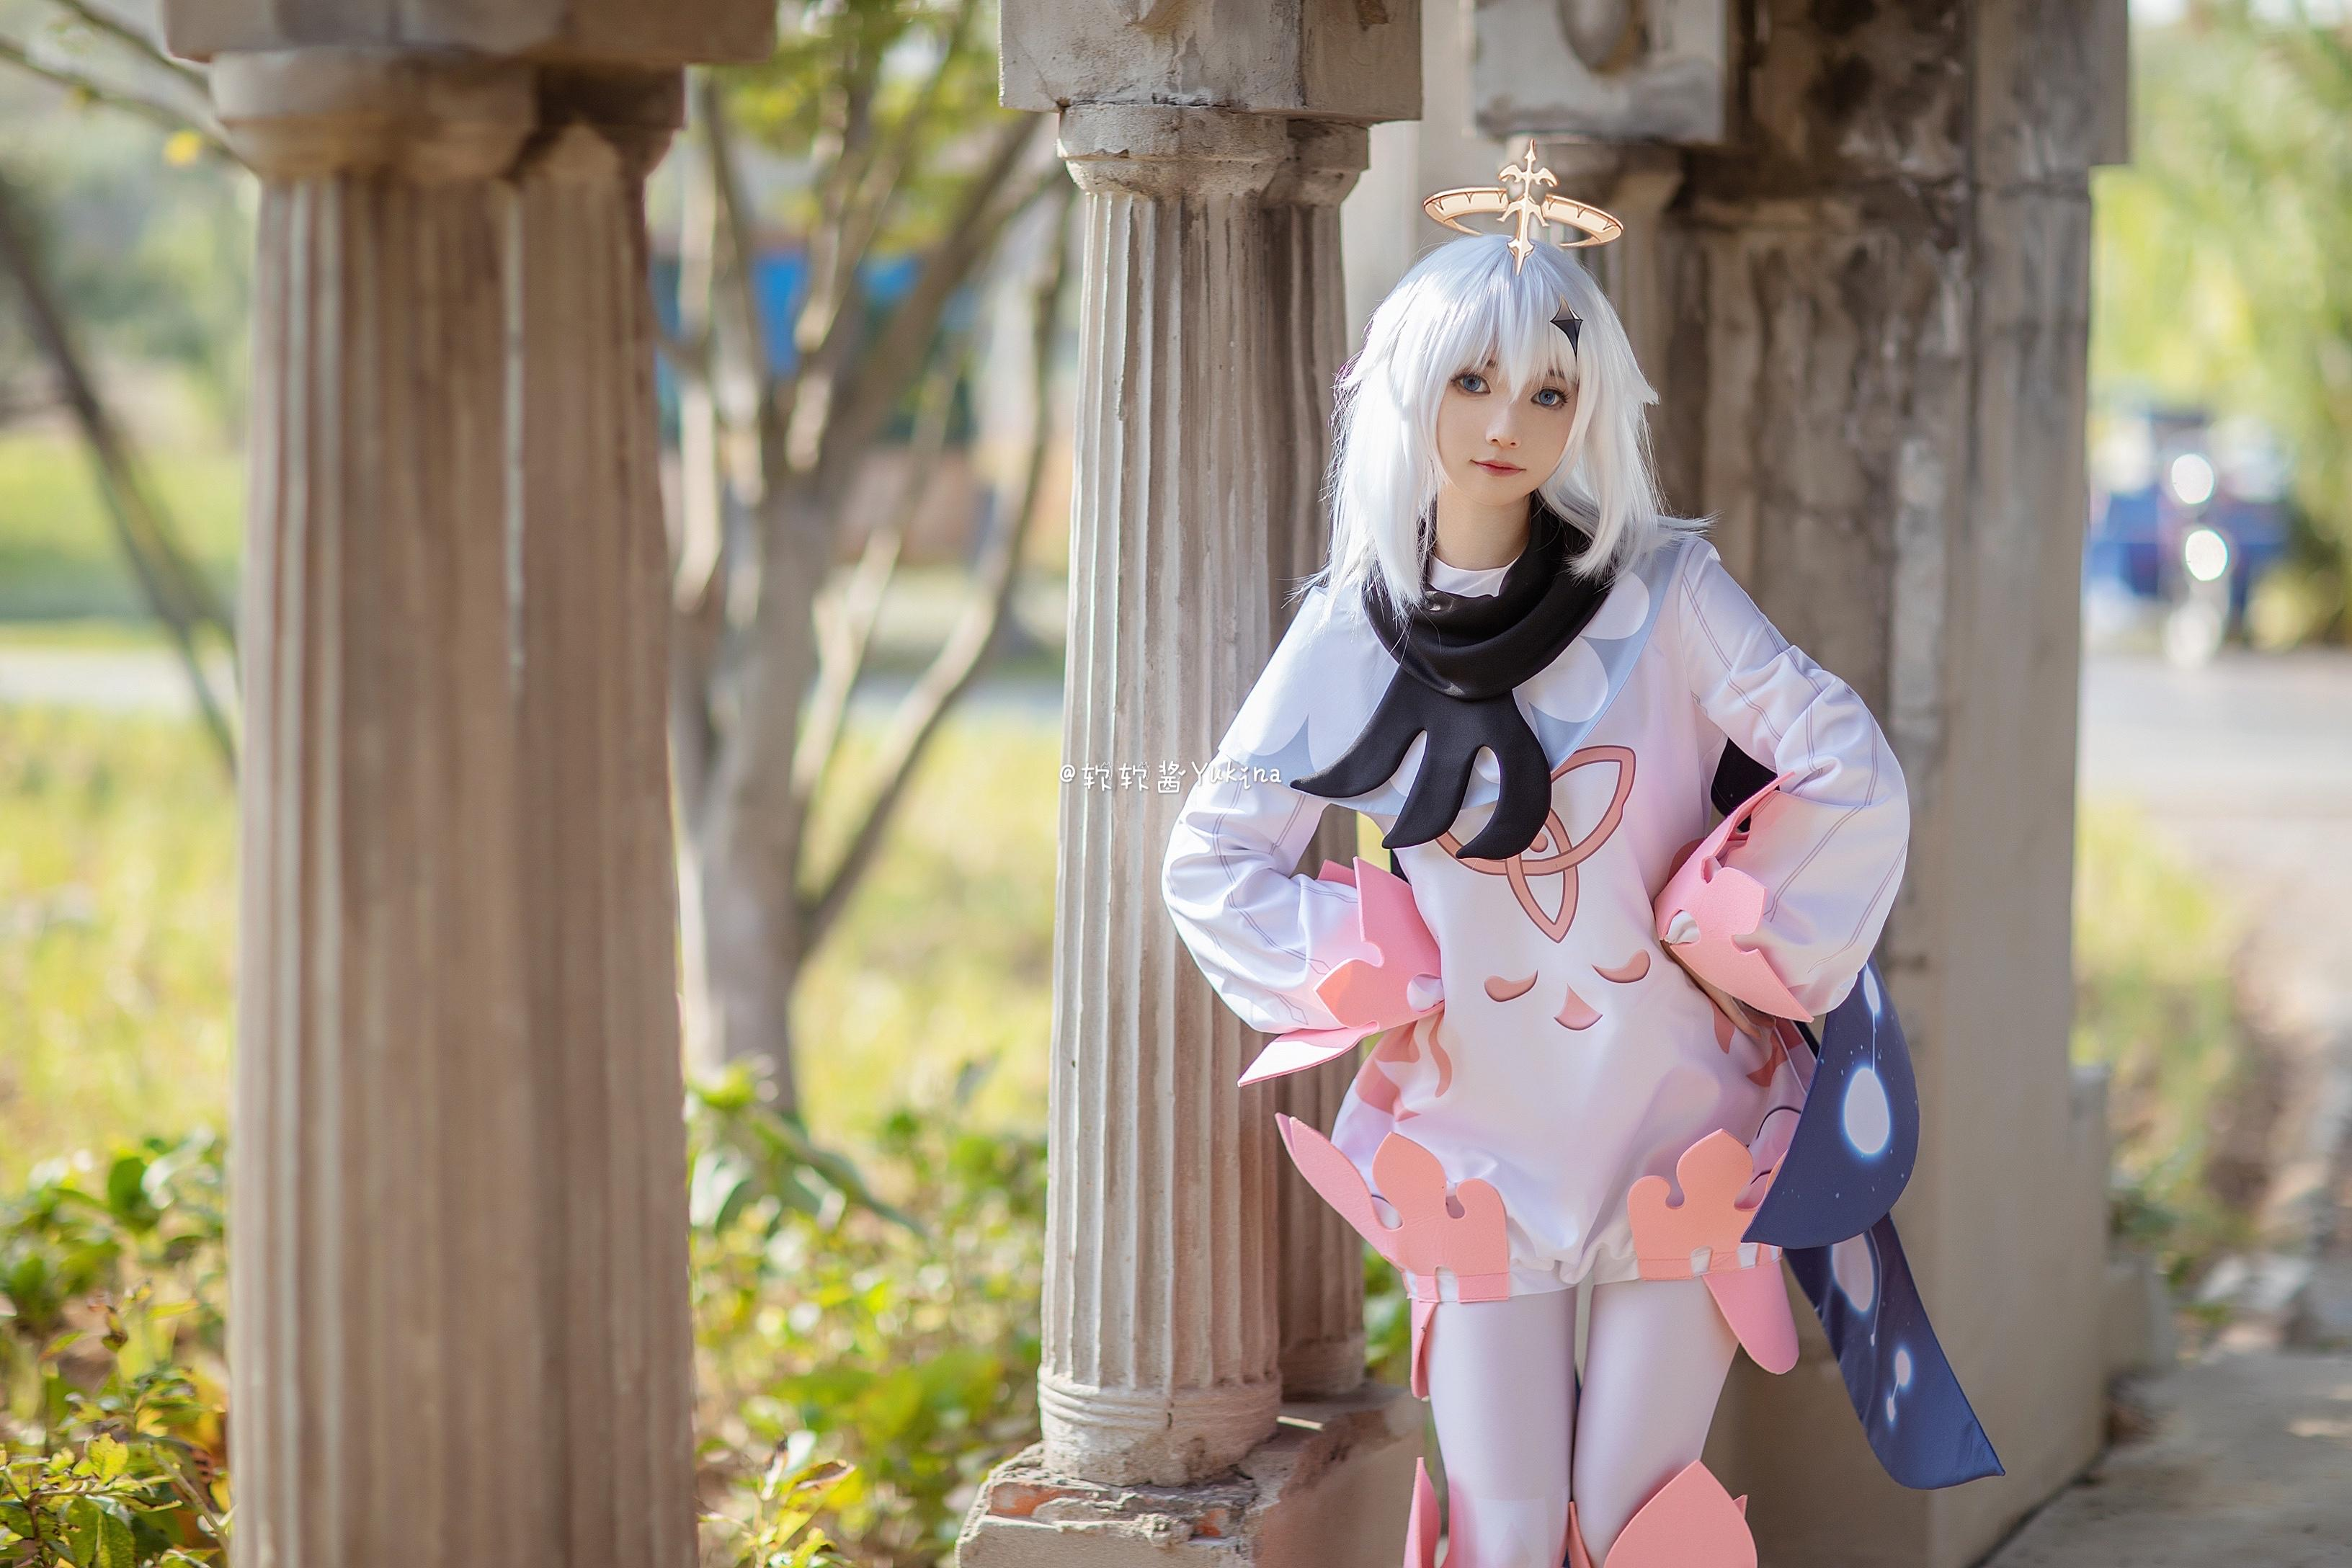 《原神》游戏cosplay【CN:软软酱Yukina】-第5张